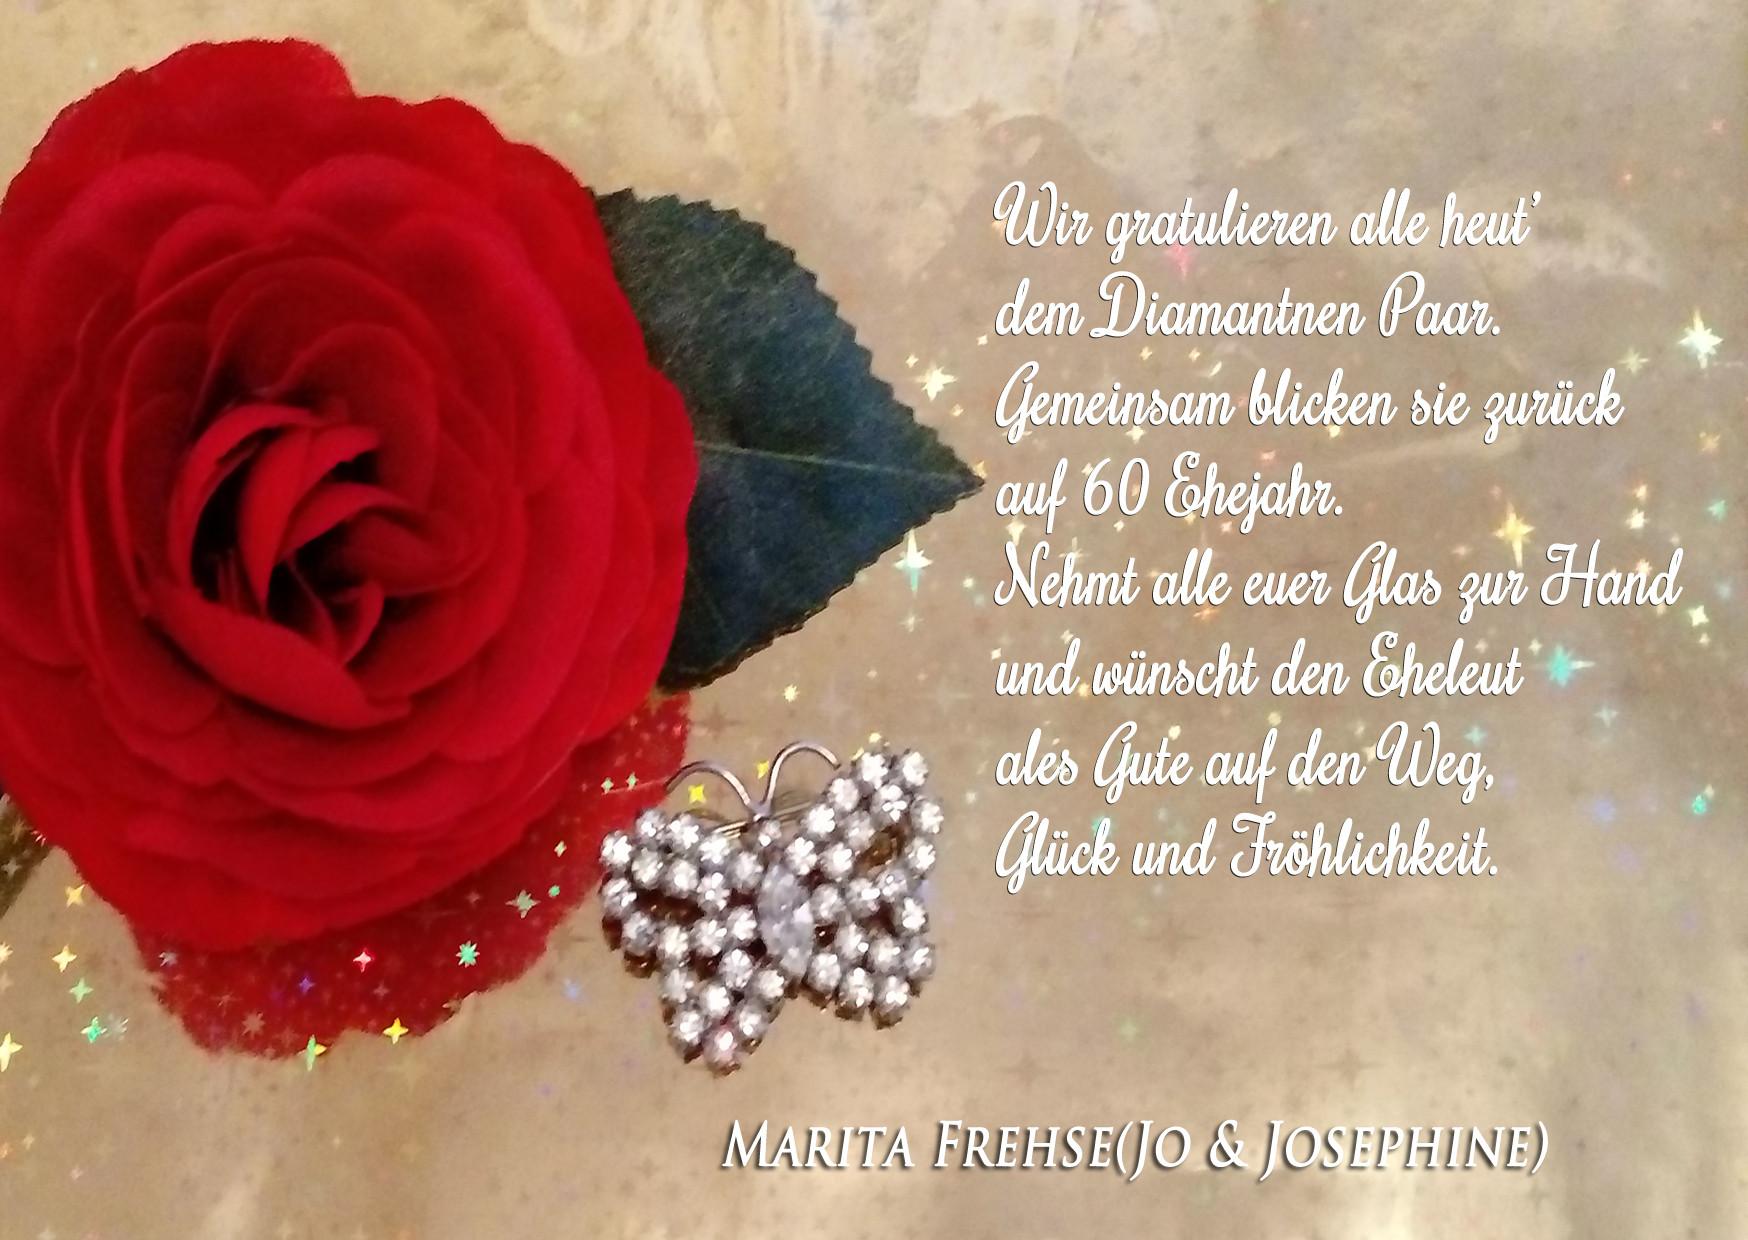 Spruch Zur Diamantenen Hochzeit  diamantene hochzeit sprueche auf karten